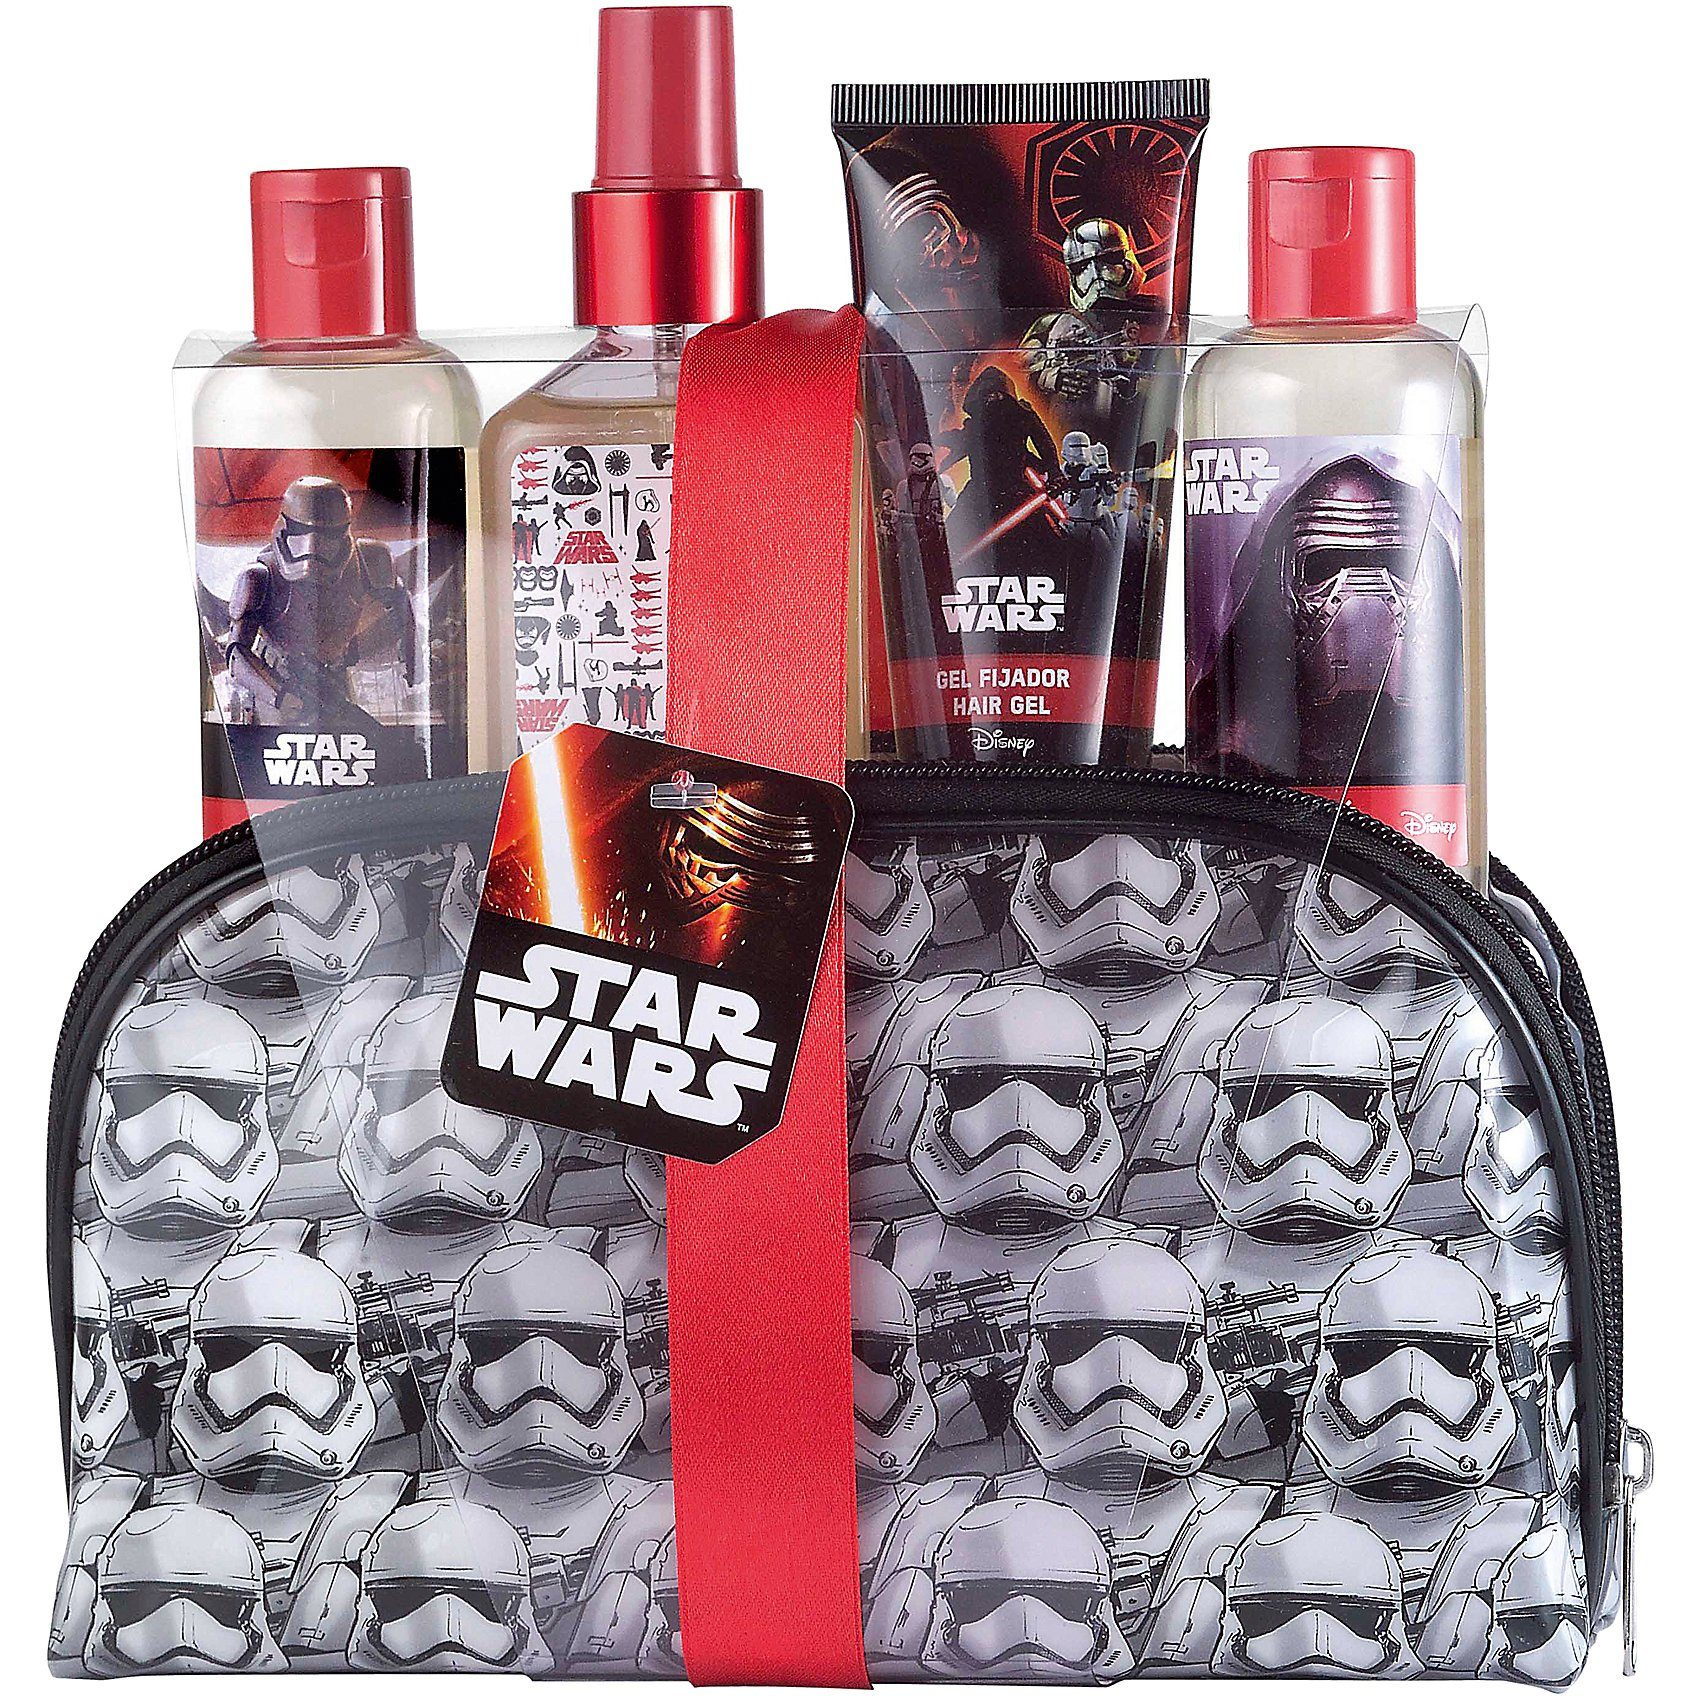 Geschenk Set Star Wars inkl Duschbad, Shampoo und Haargel